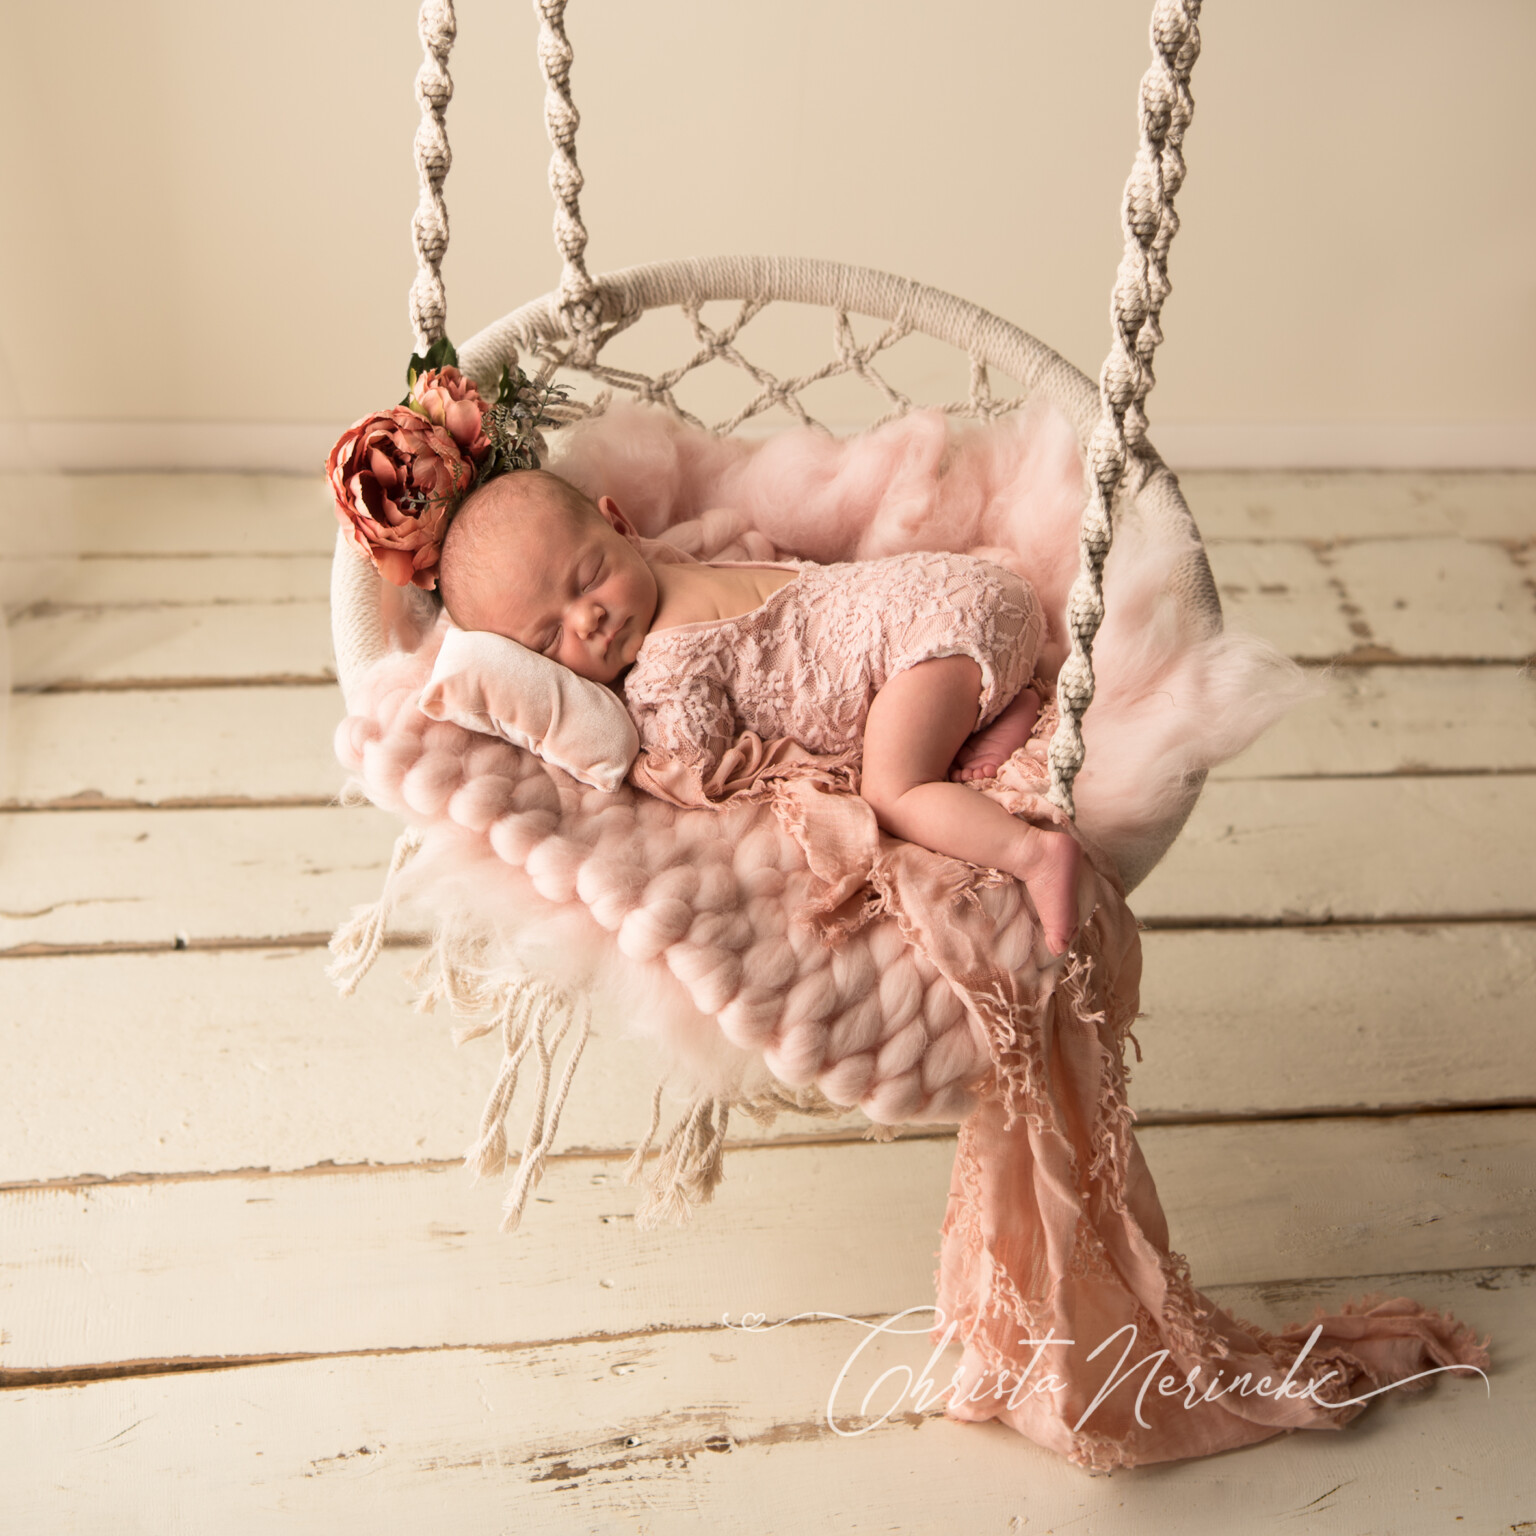 christanerinckx_newbornfotografie-124